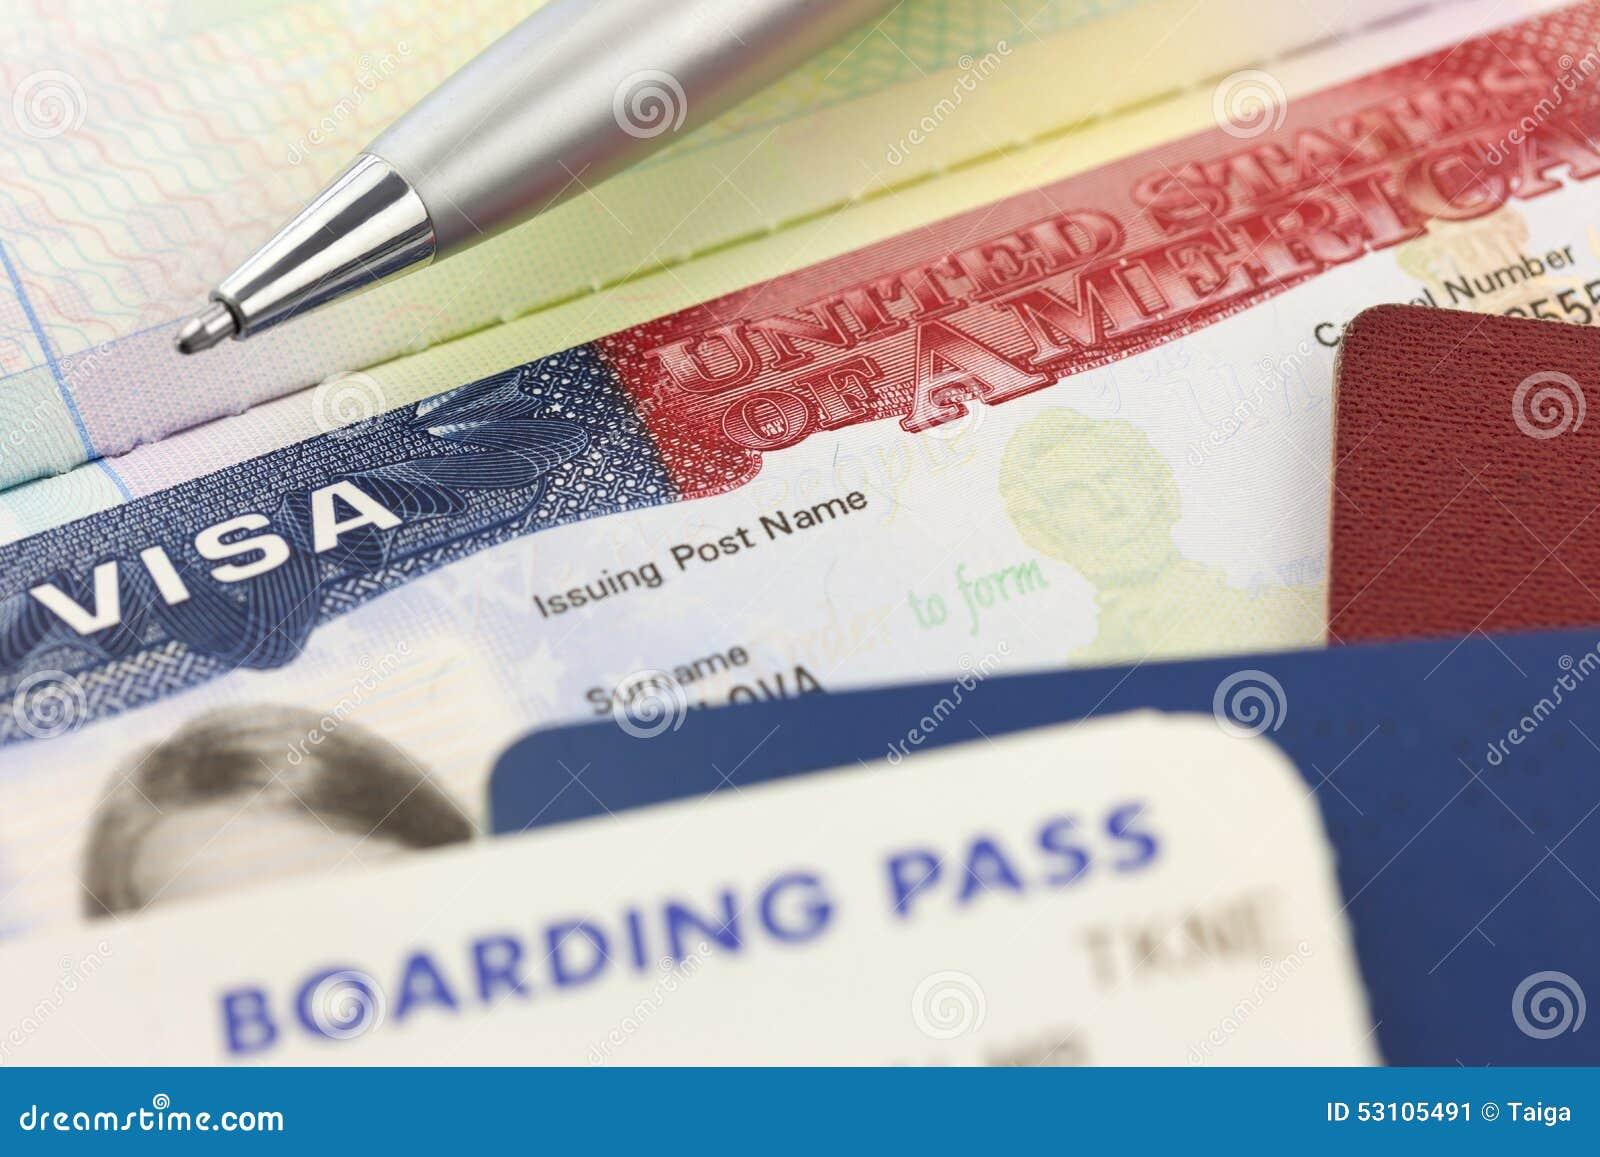 USA-Visum, Pässe, Bordkarte und Stift - Auslandsreisen